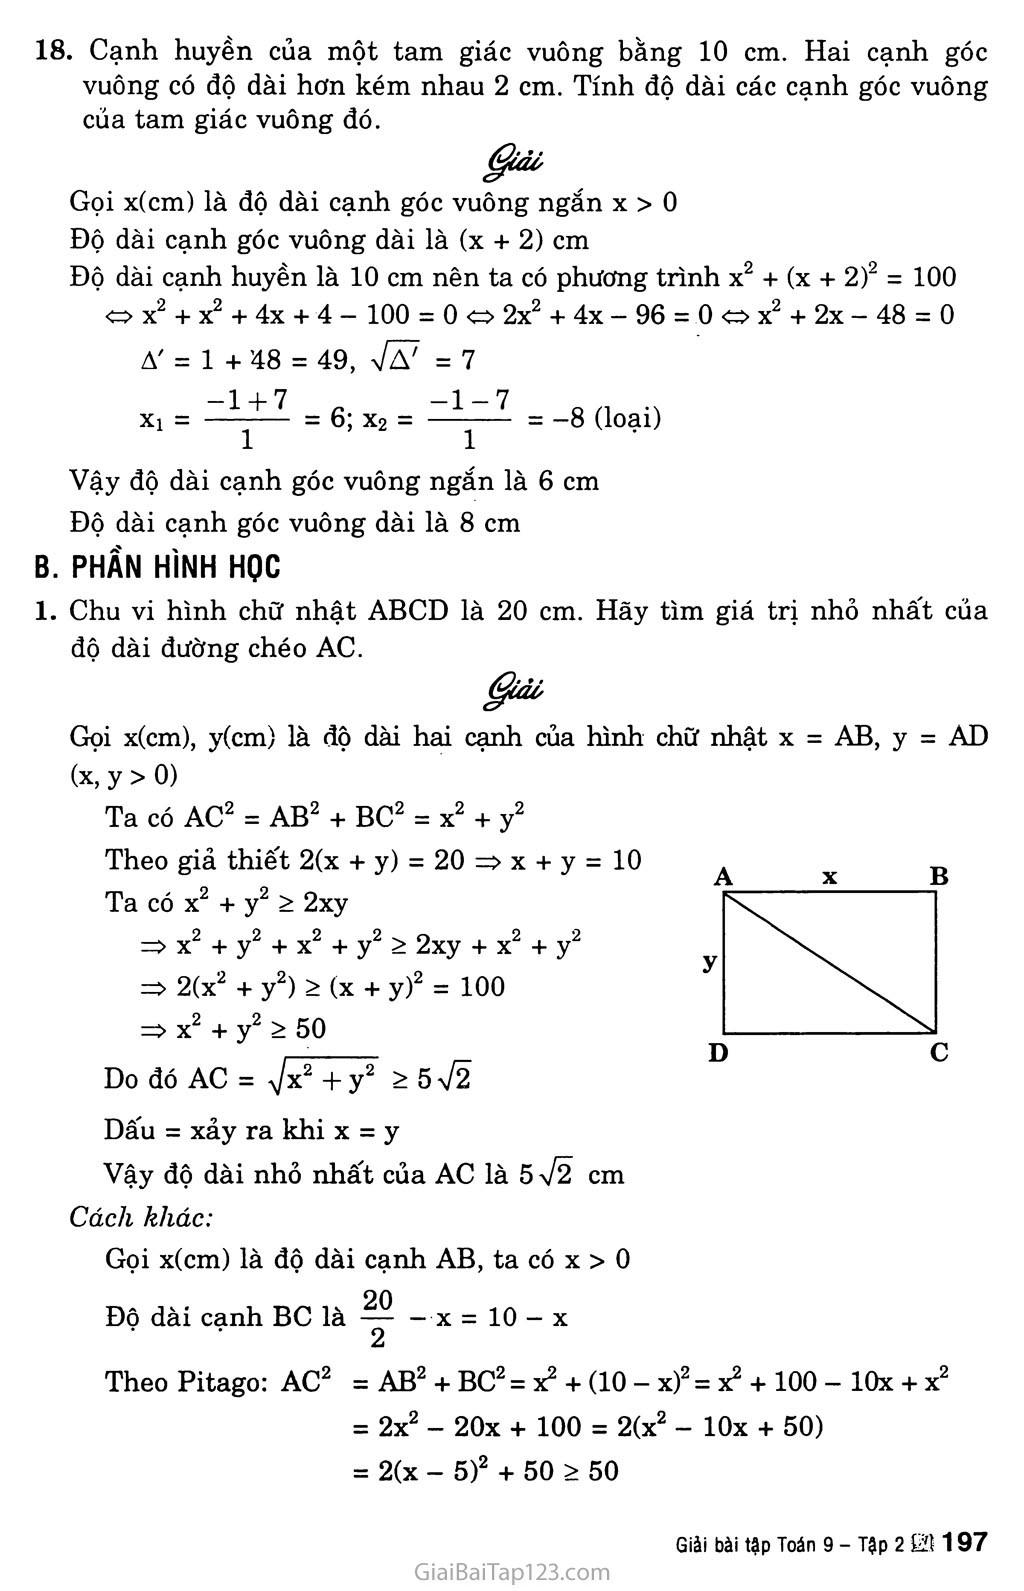 Bài tập ôn cuối năm trang 11